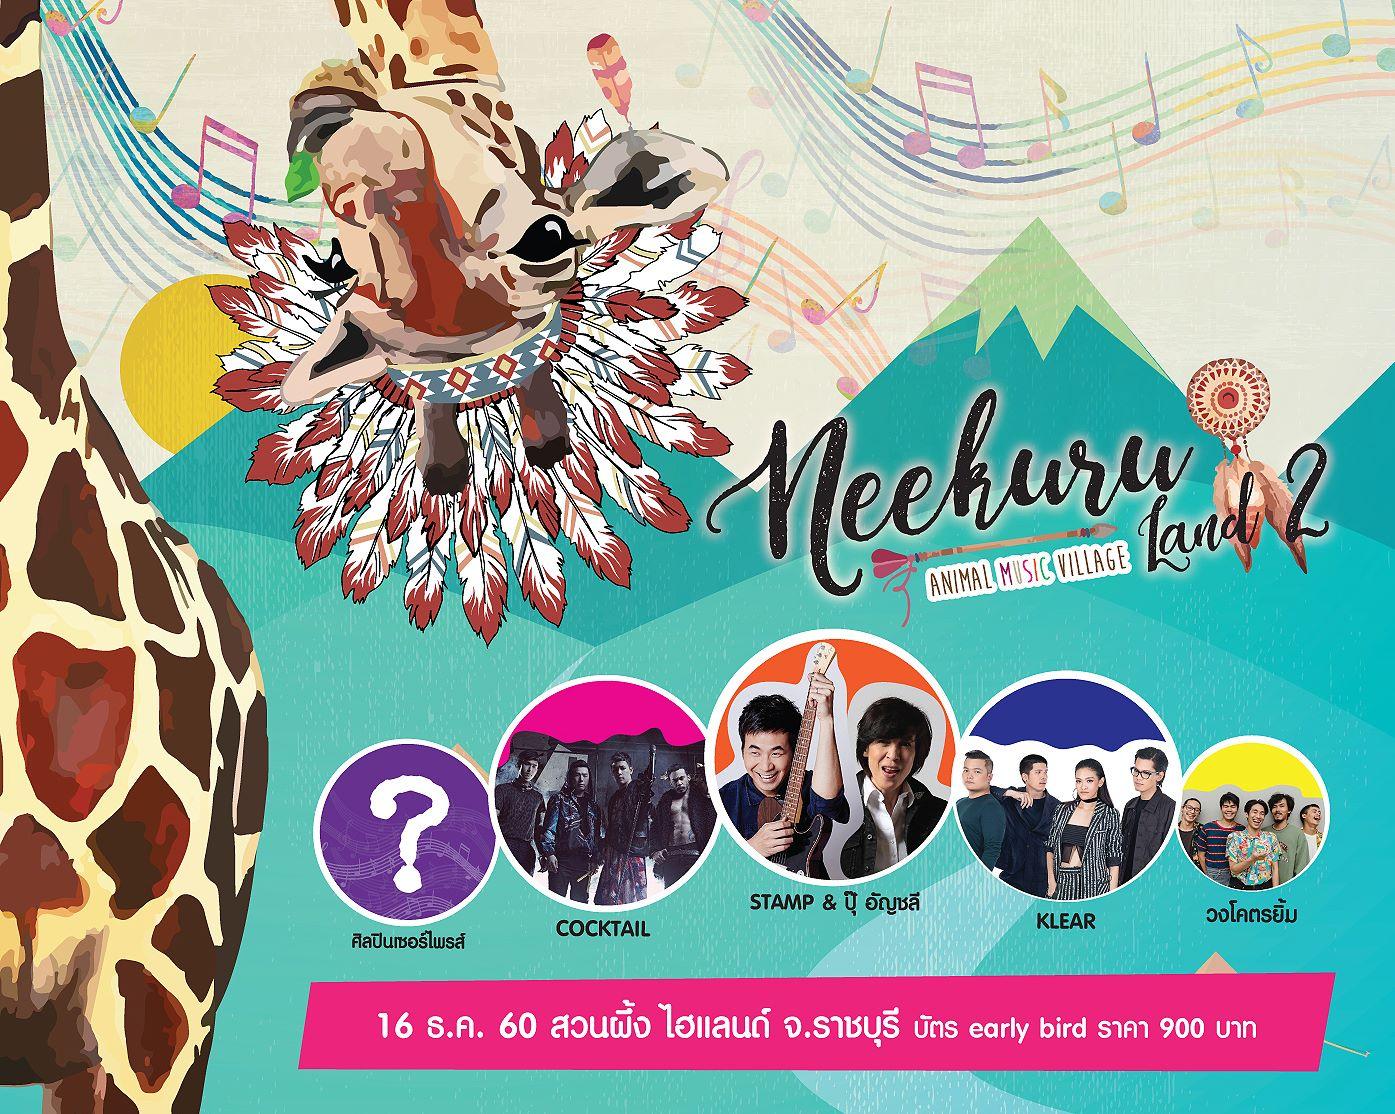 คอนเสิร์ต Neekuru Land 2 ตอน Animal Music Village 16 ธันวาคม 2560 ณ สวนผึ้ง ไฮแลนด์ จังหวัดราชบุรี